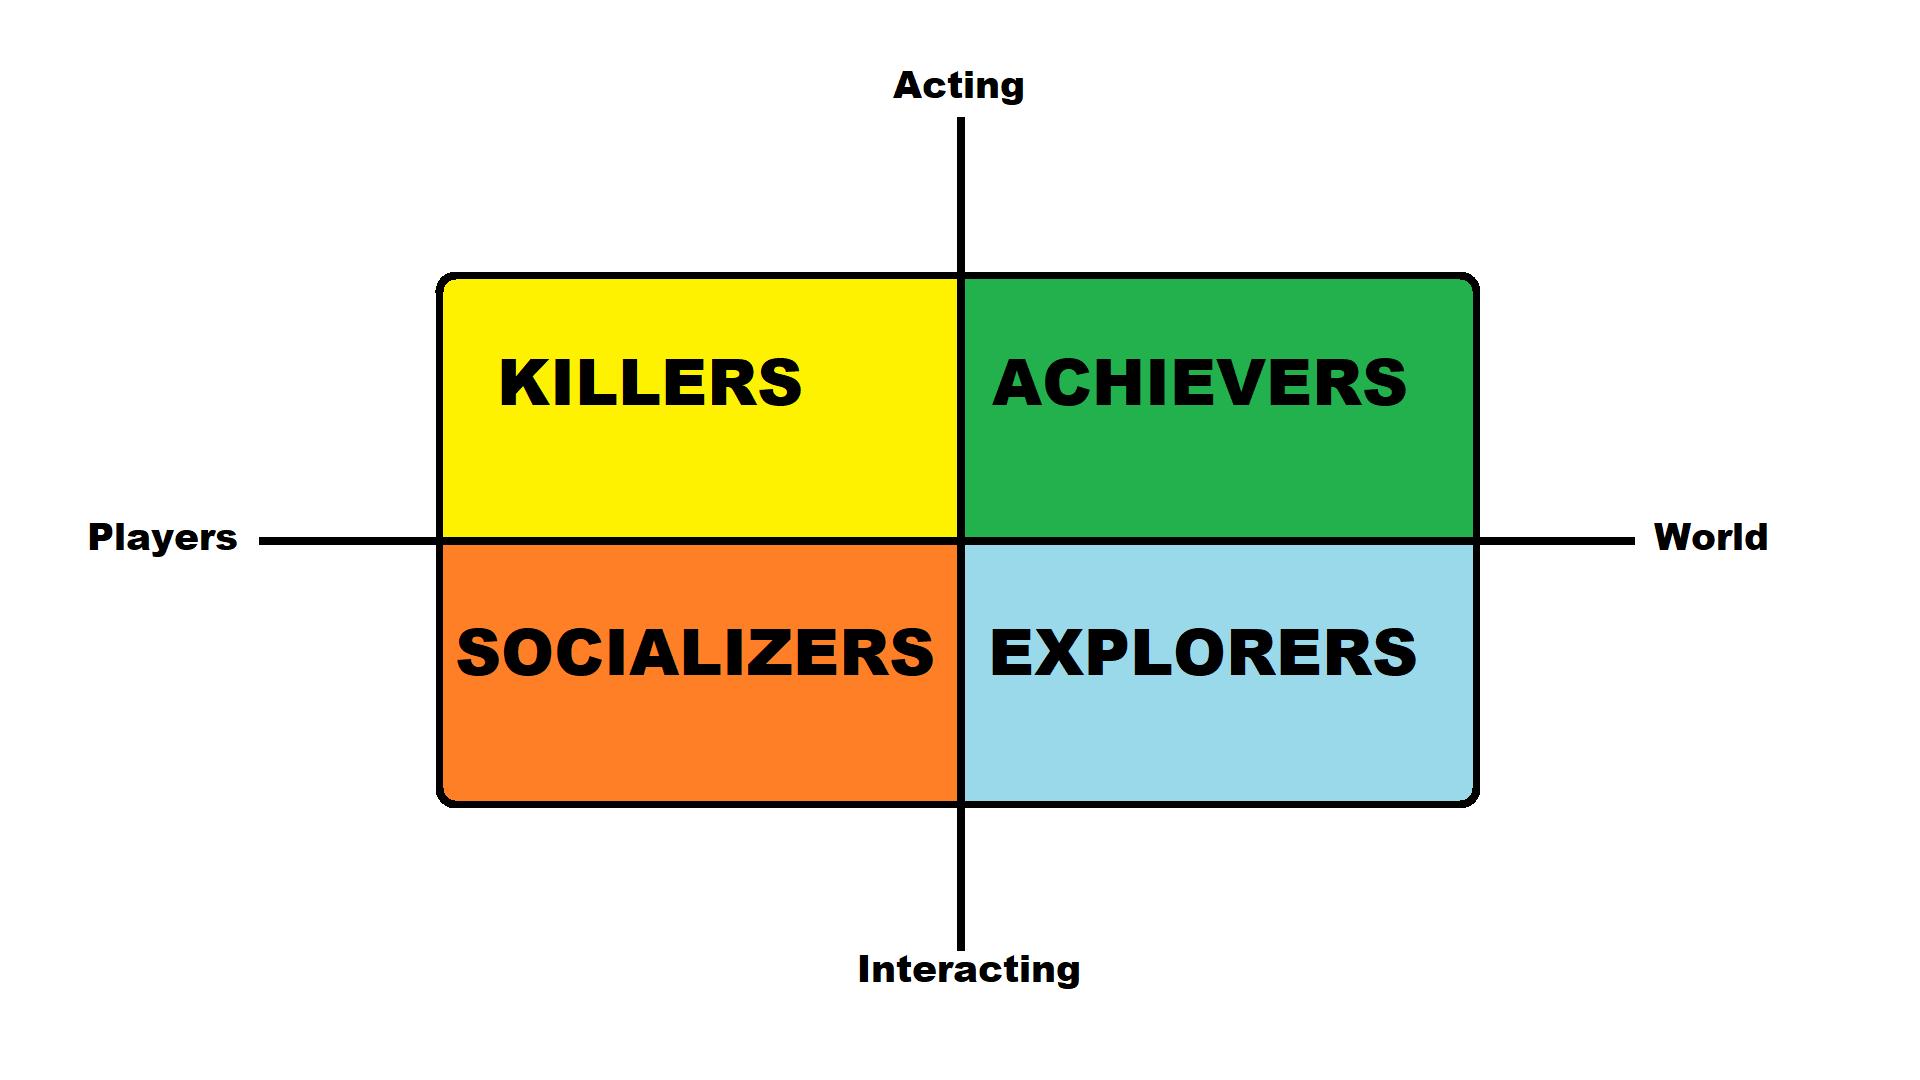 Zu sehen ist die grafische Darstellung des Spielertypen-Modells nach Bartle. Die Gruppen Killers, Achievers, Socializiers und Explorers sind darin angeordnet.